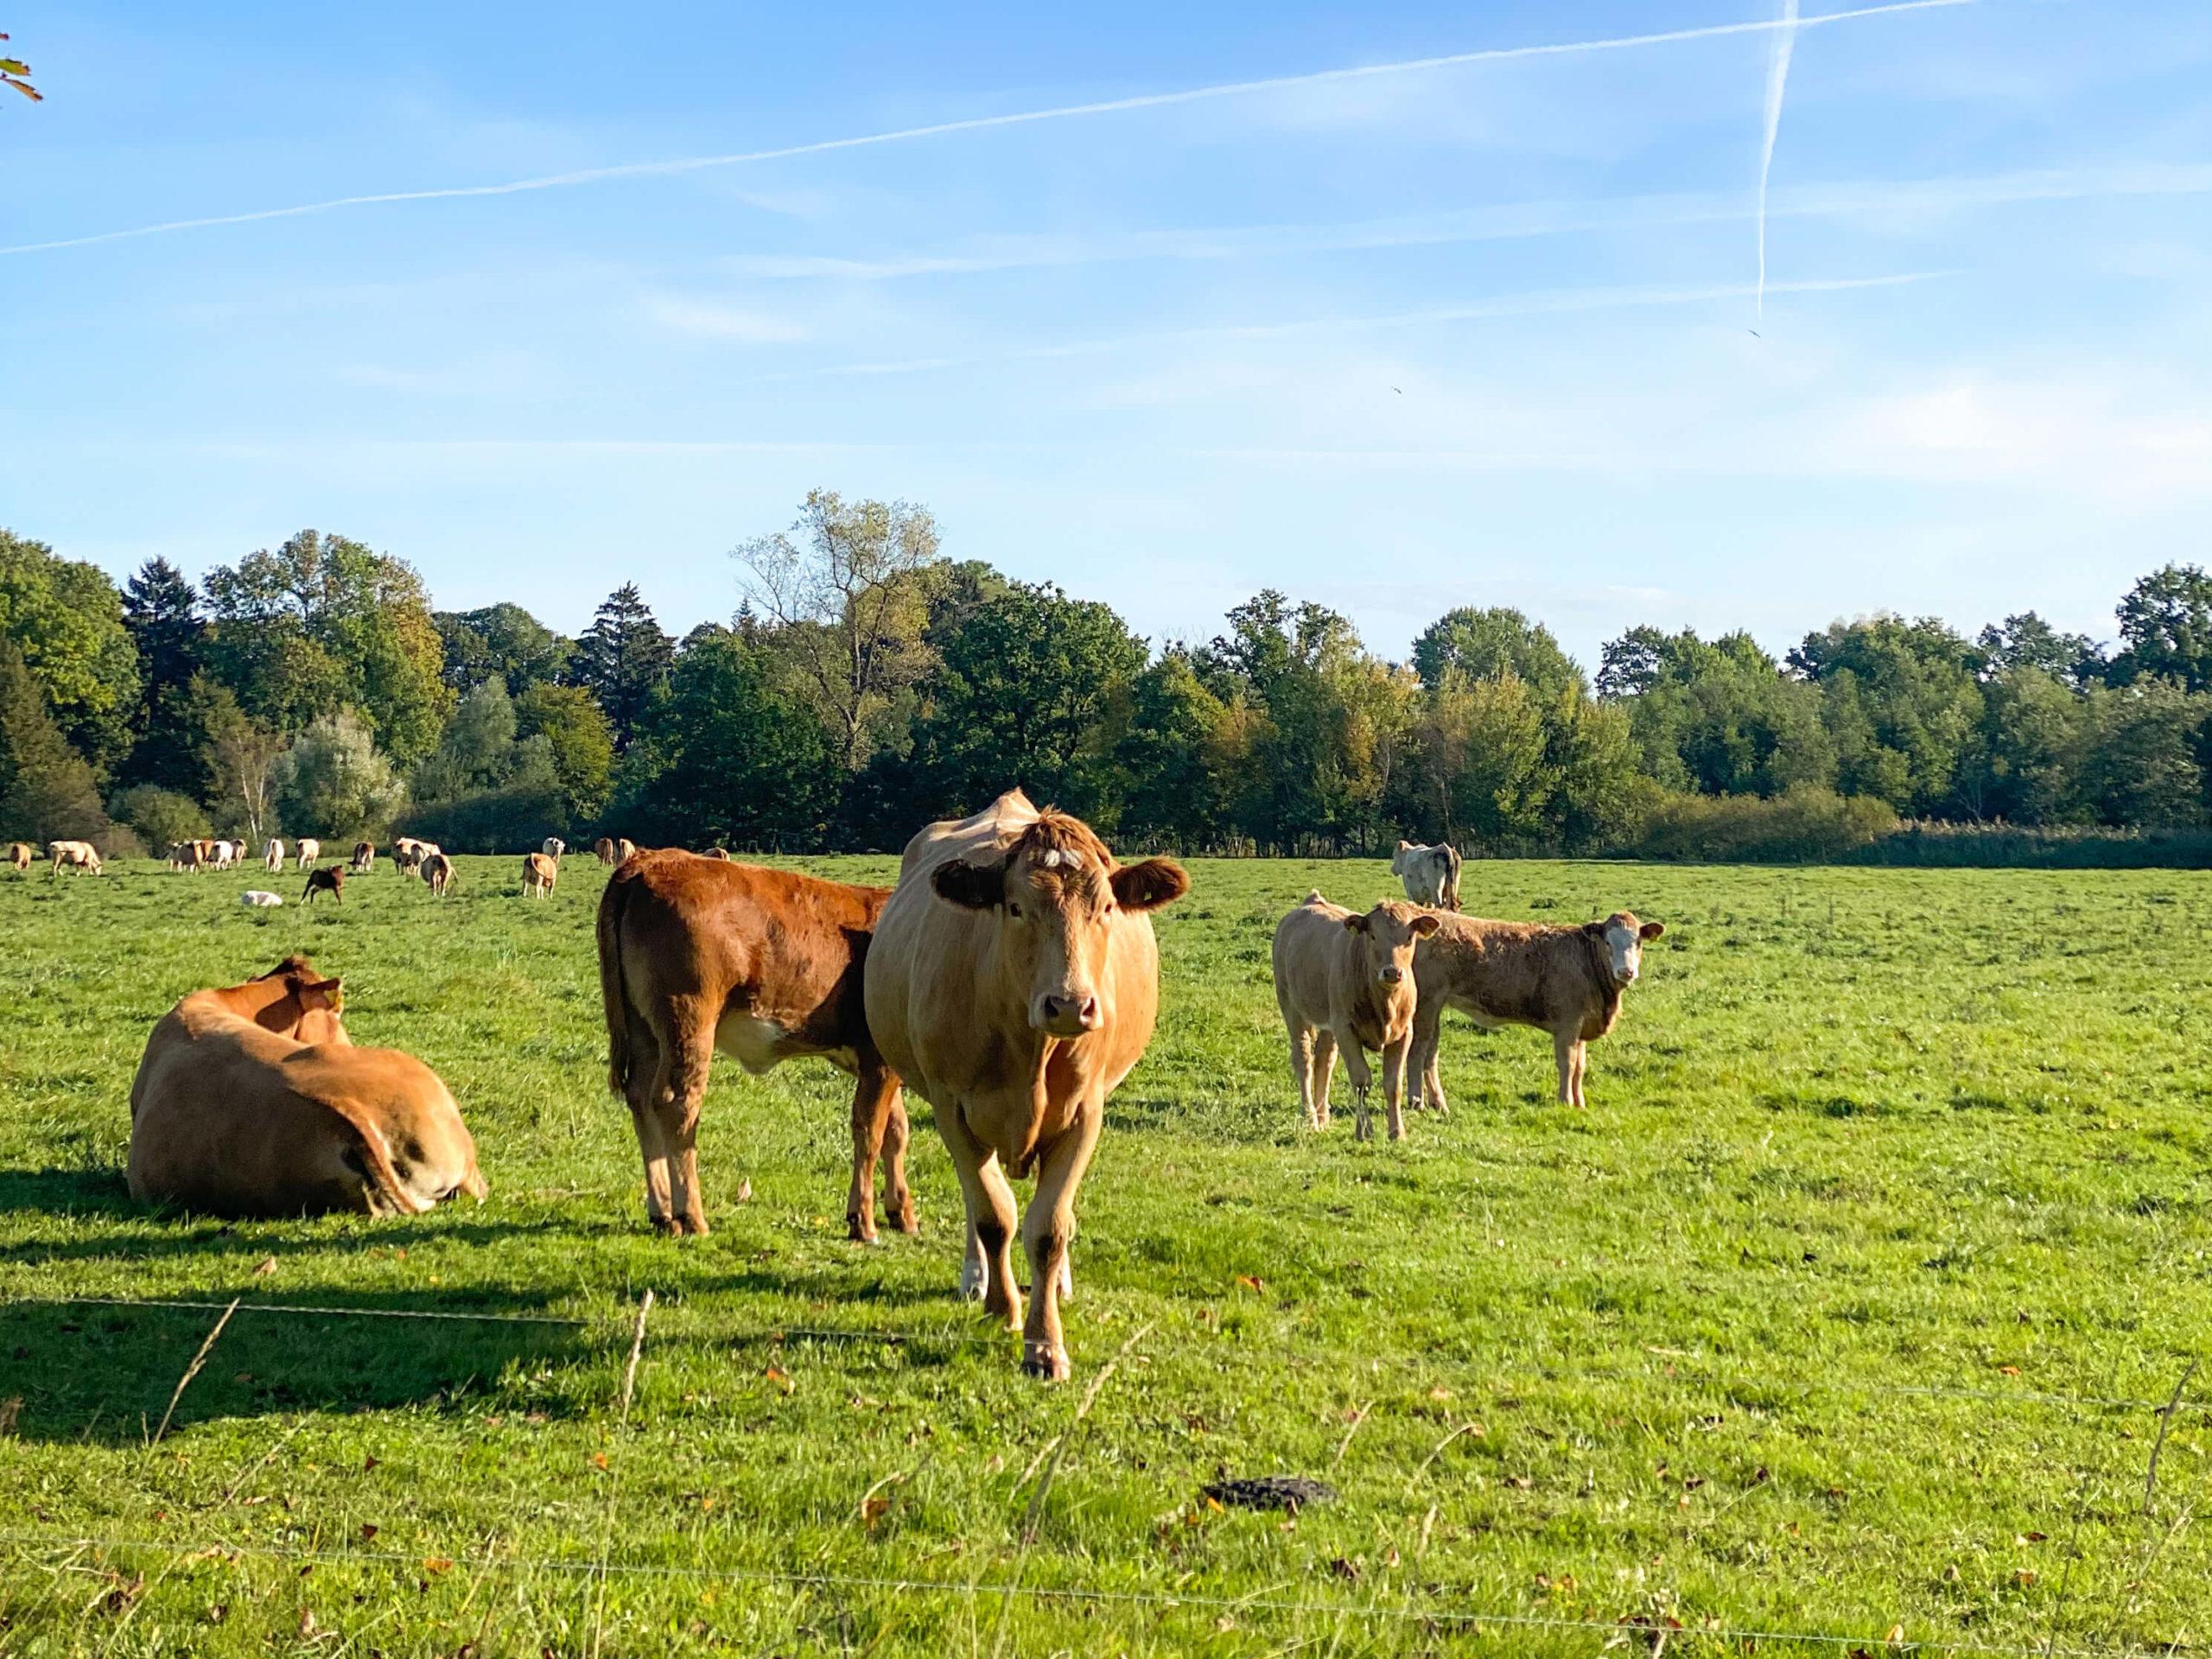 Rinder auf einer grünen Wiese mit blauem Himmel